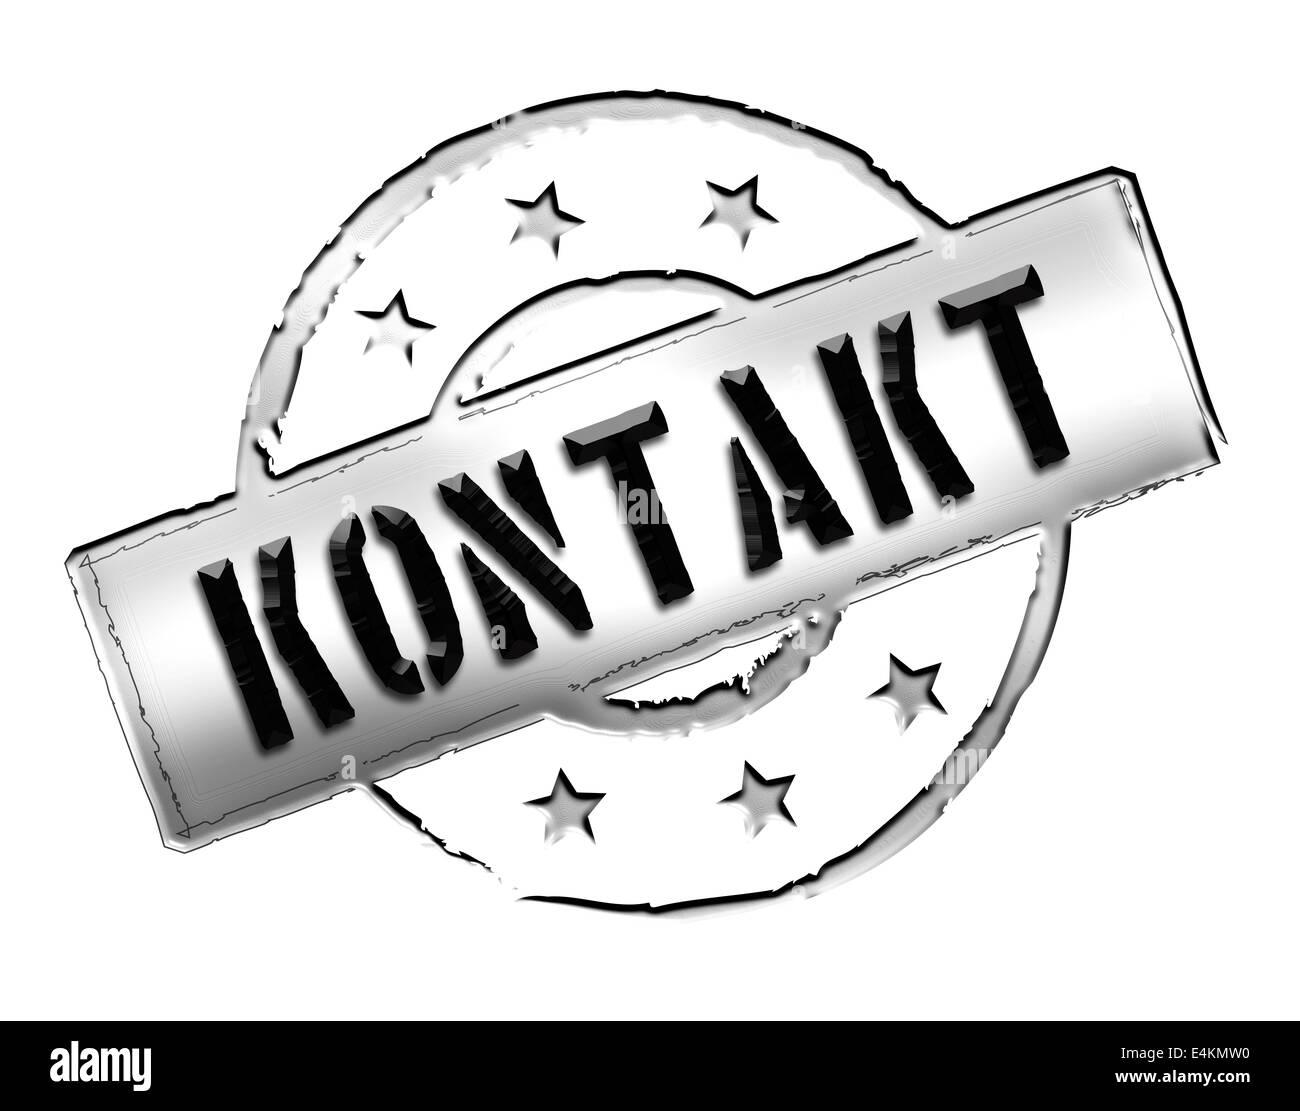 Stamp - KONTAKT Stock Photo